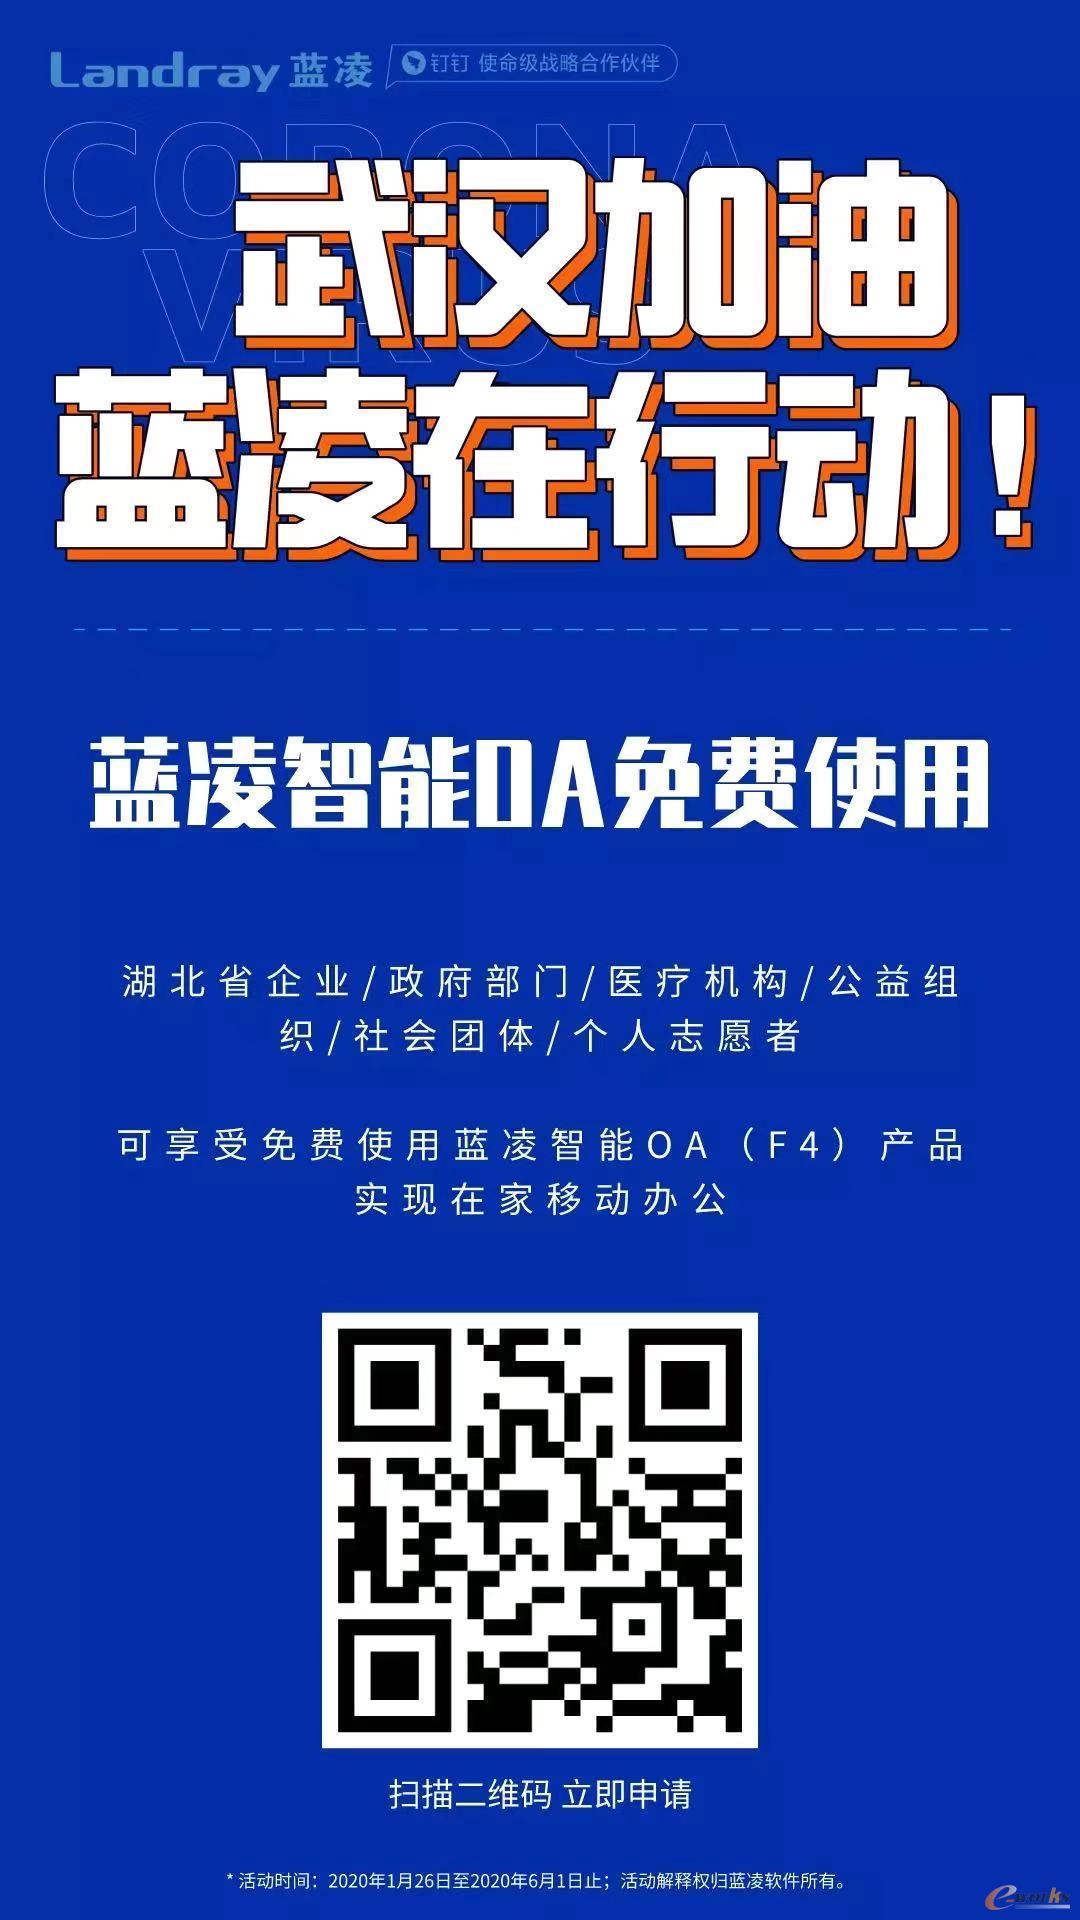 http://www.e-works.net.cn/News/articleimage/20202/132252585419866094_new.jpeg